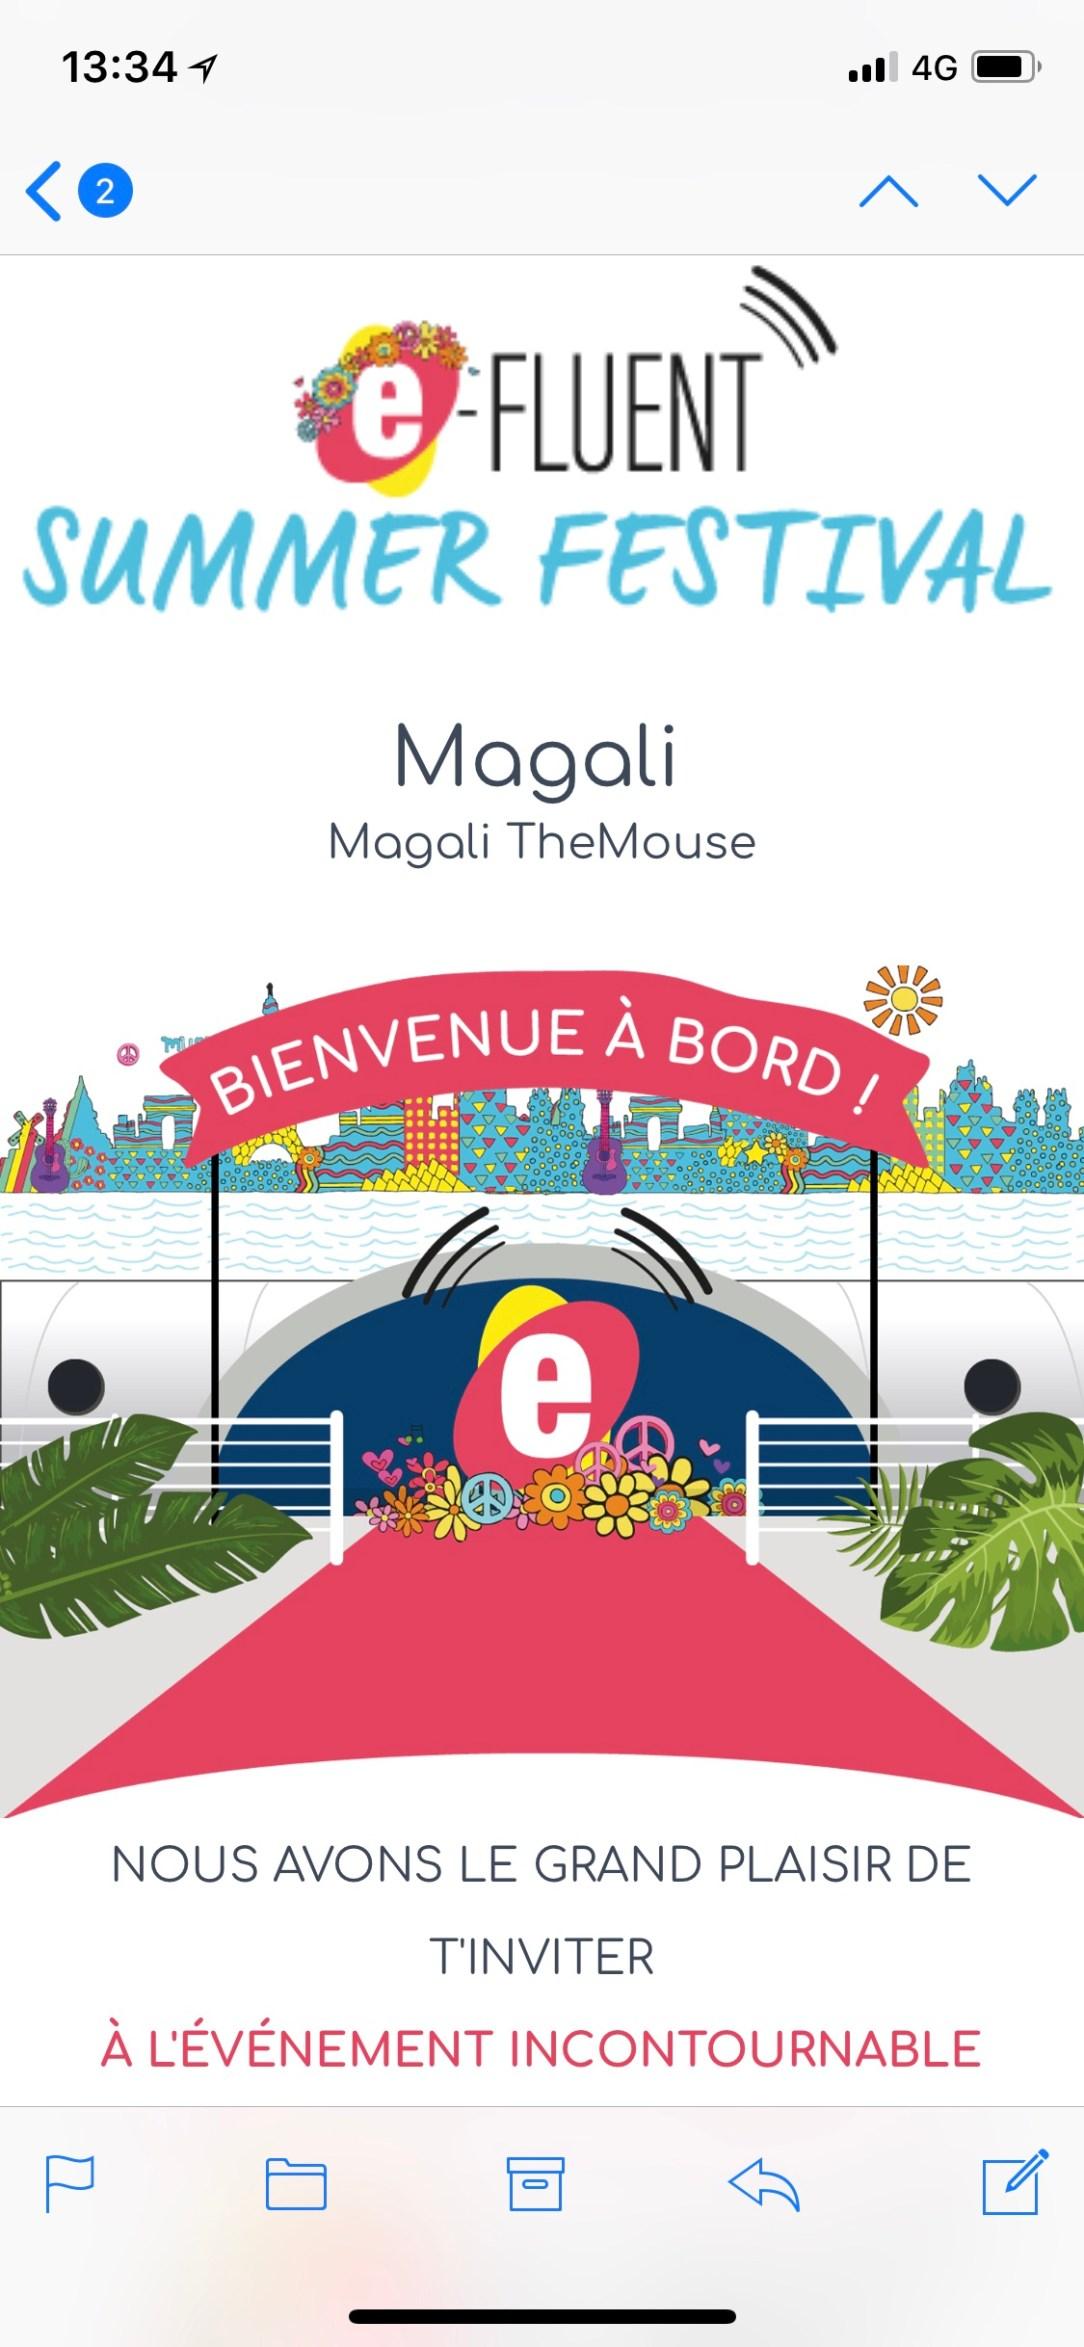 Magali TheMouse quiqua Efluent